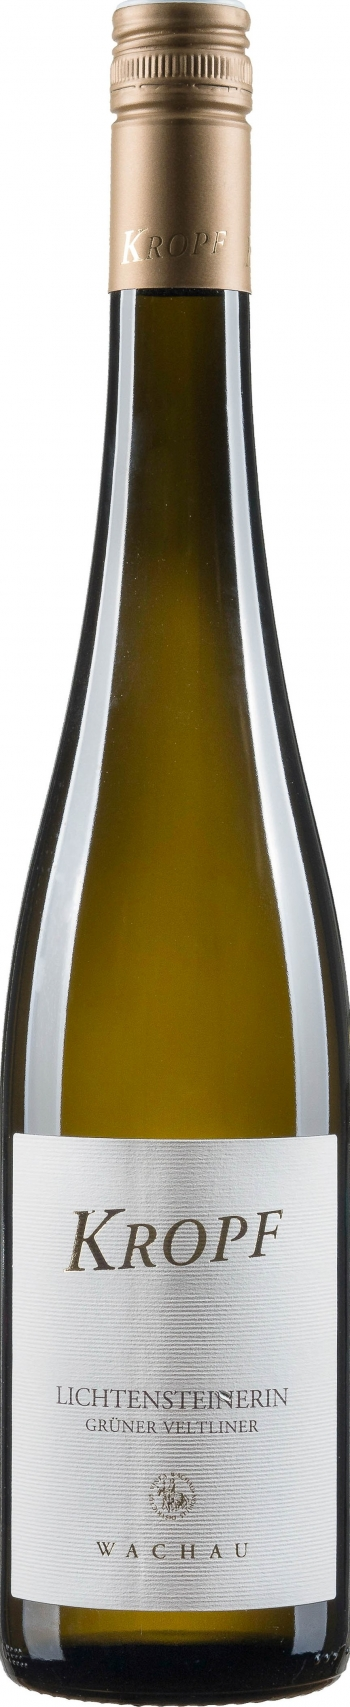 Veltliner Federspiel, Lichtensteinerin, Weinbau Kropf 2016